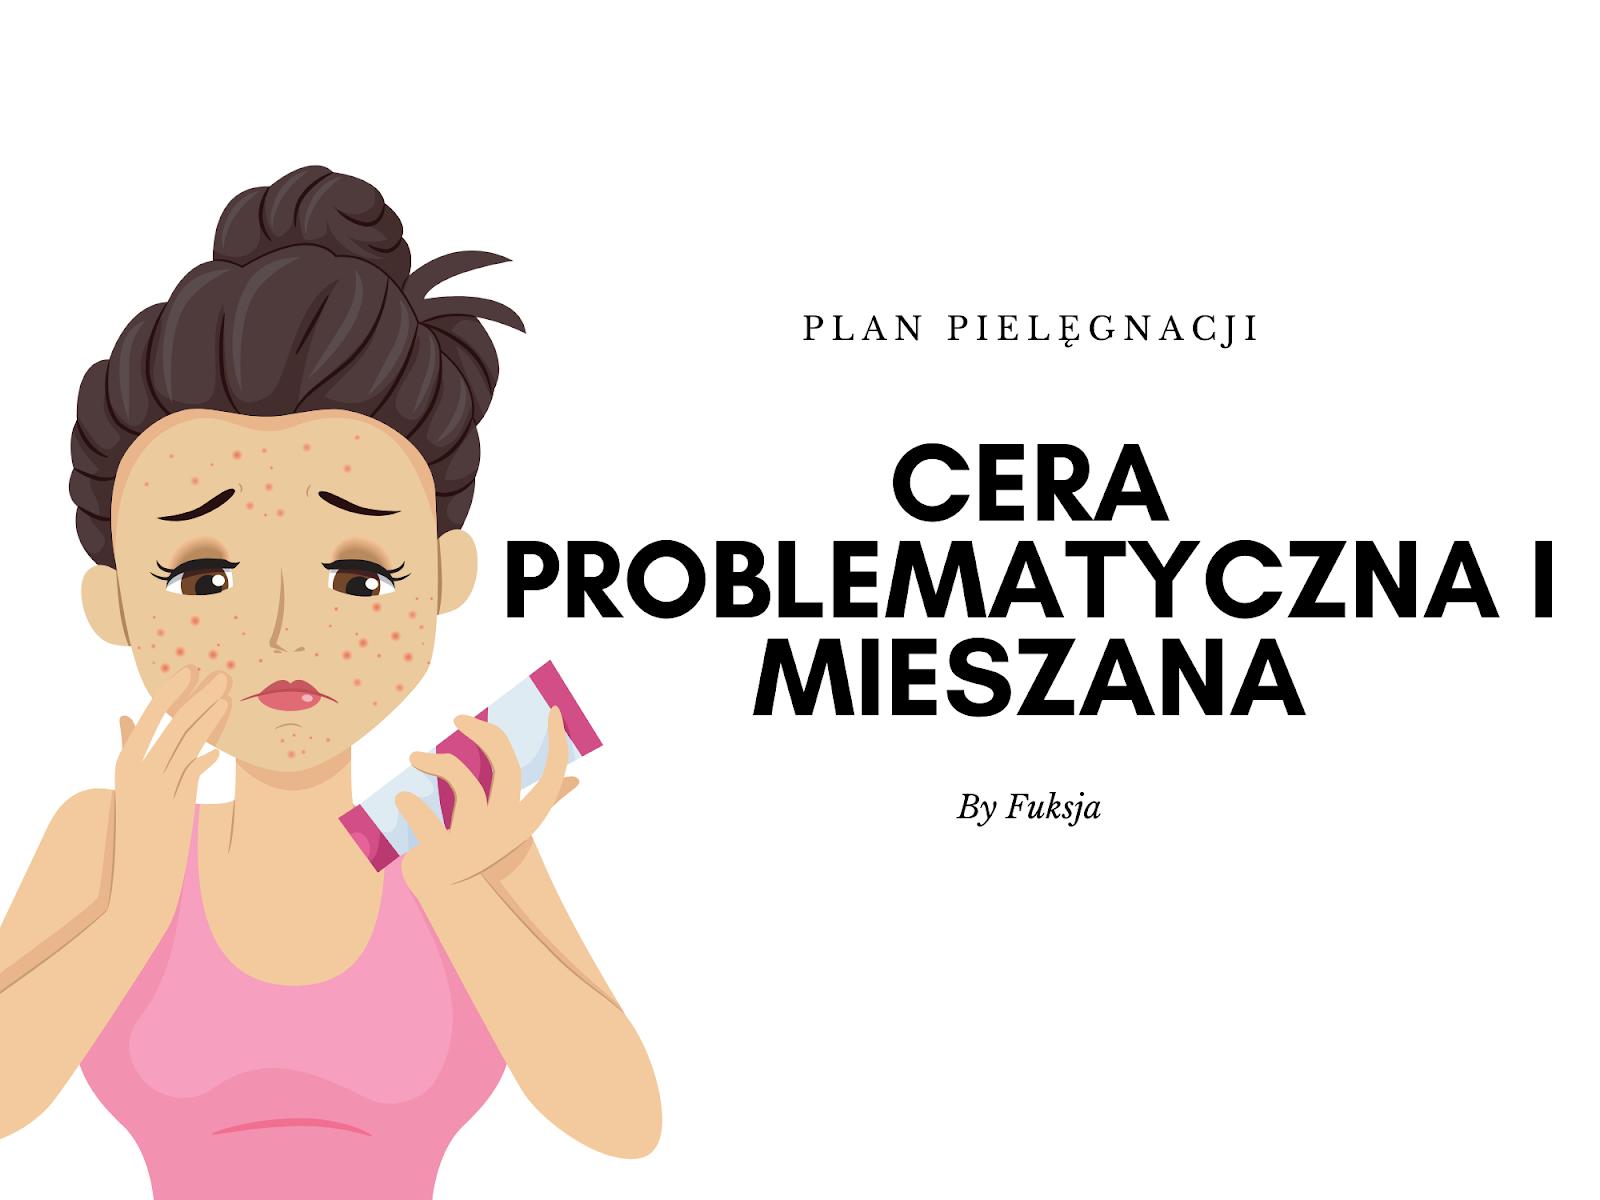 Plan pielęgnacji - cera problematyczna